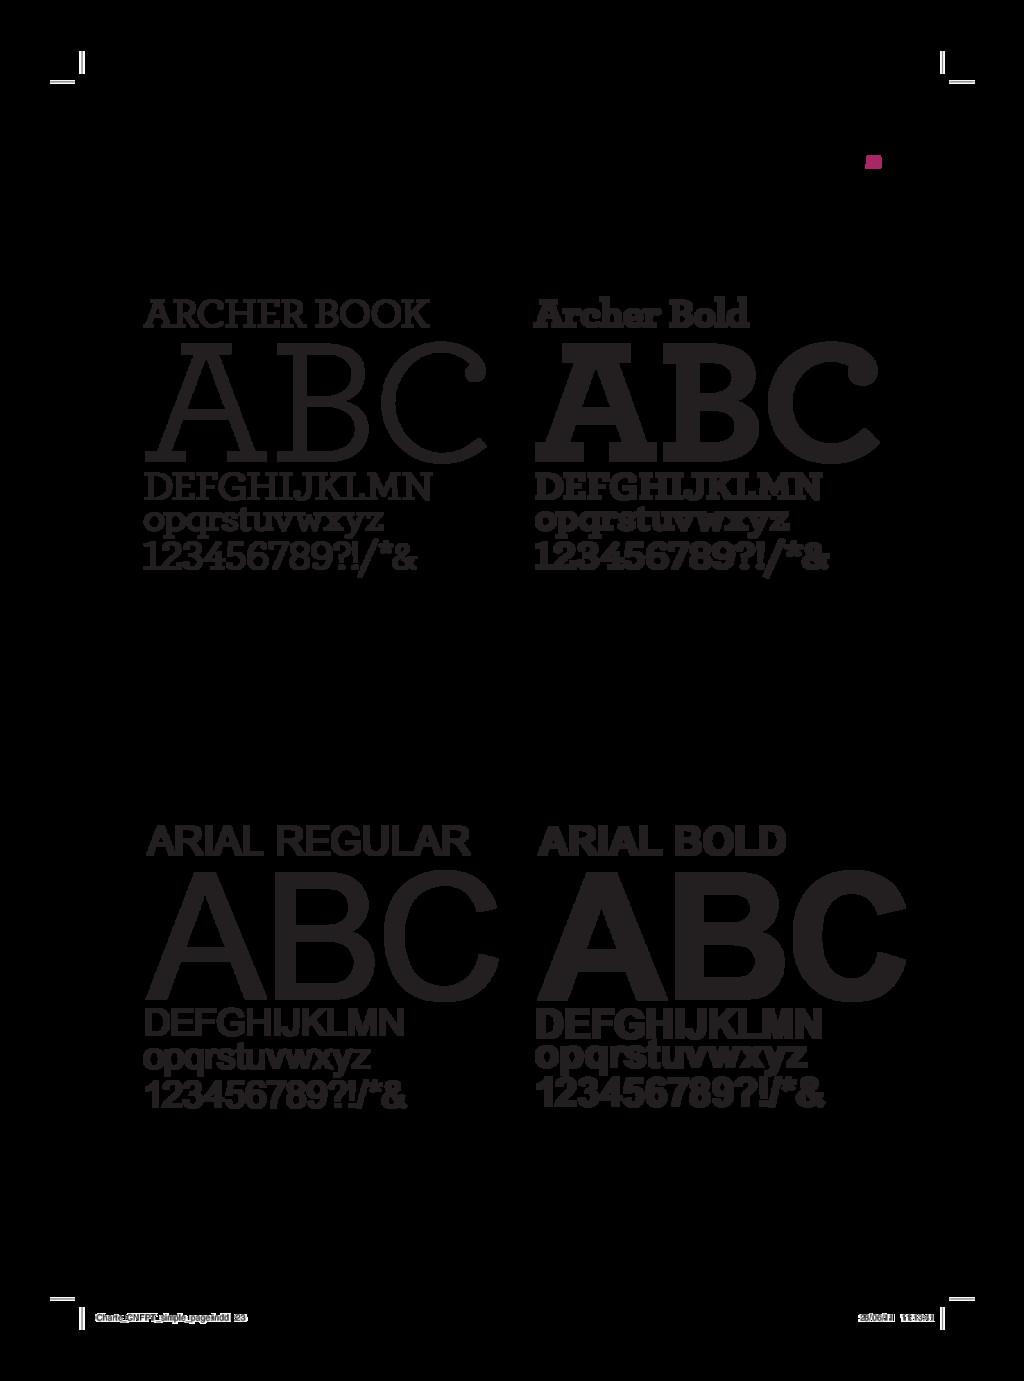 23 Archer Bold ABC DEFGHIJKLMN opqrstuvwxyz 123...